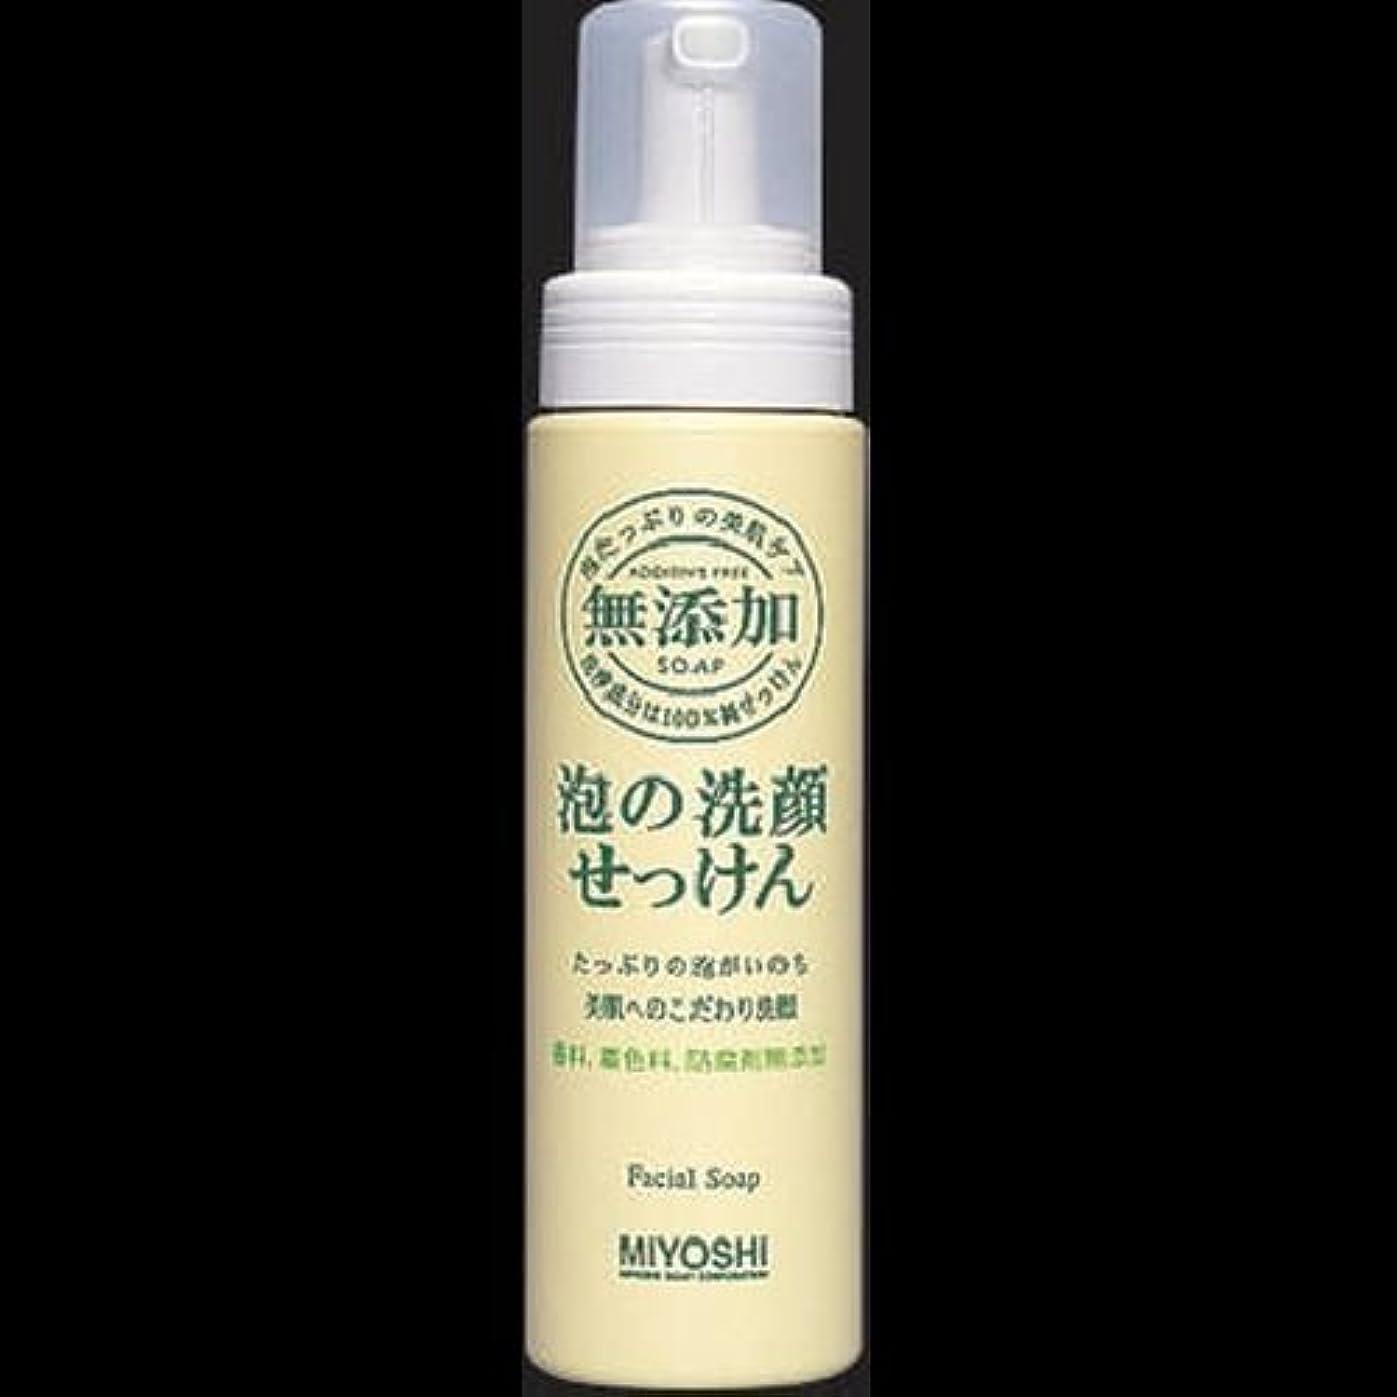 劇的カップルメドレー【まとめ買い】ミヨシ 無添加 泡の洗顔せっけん ×2セット